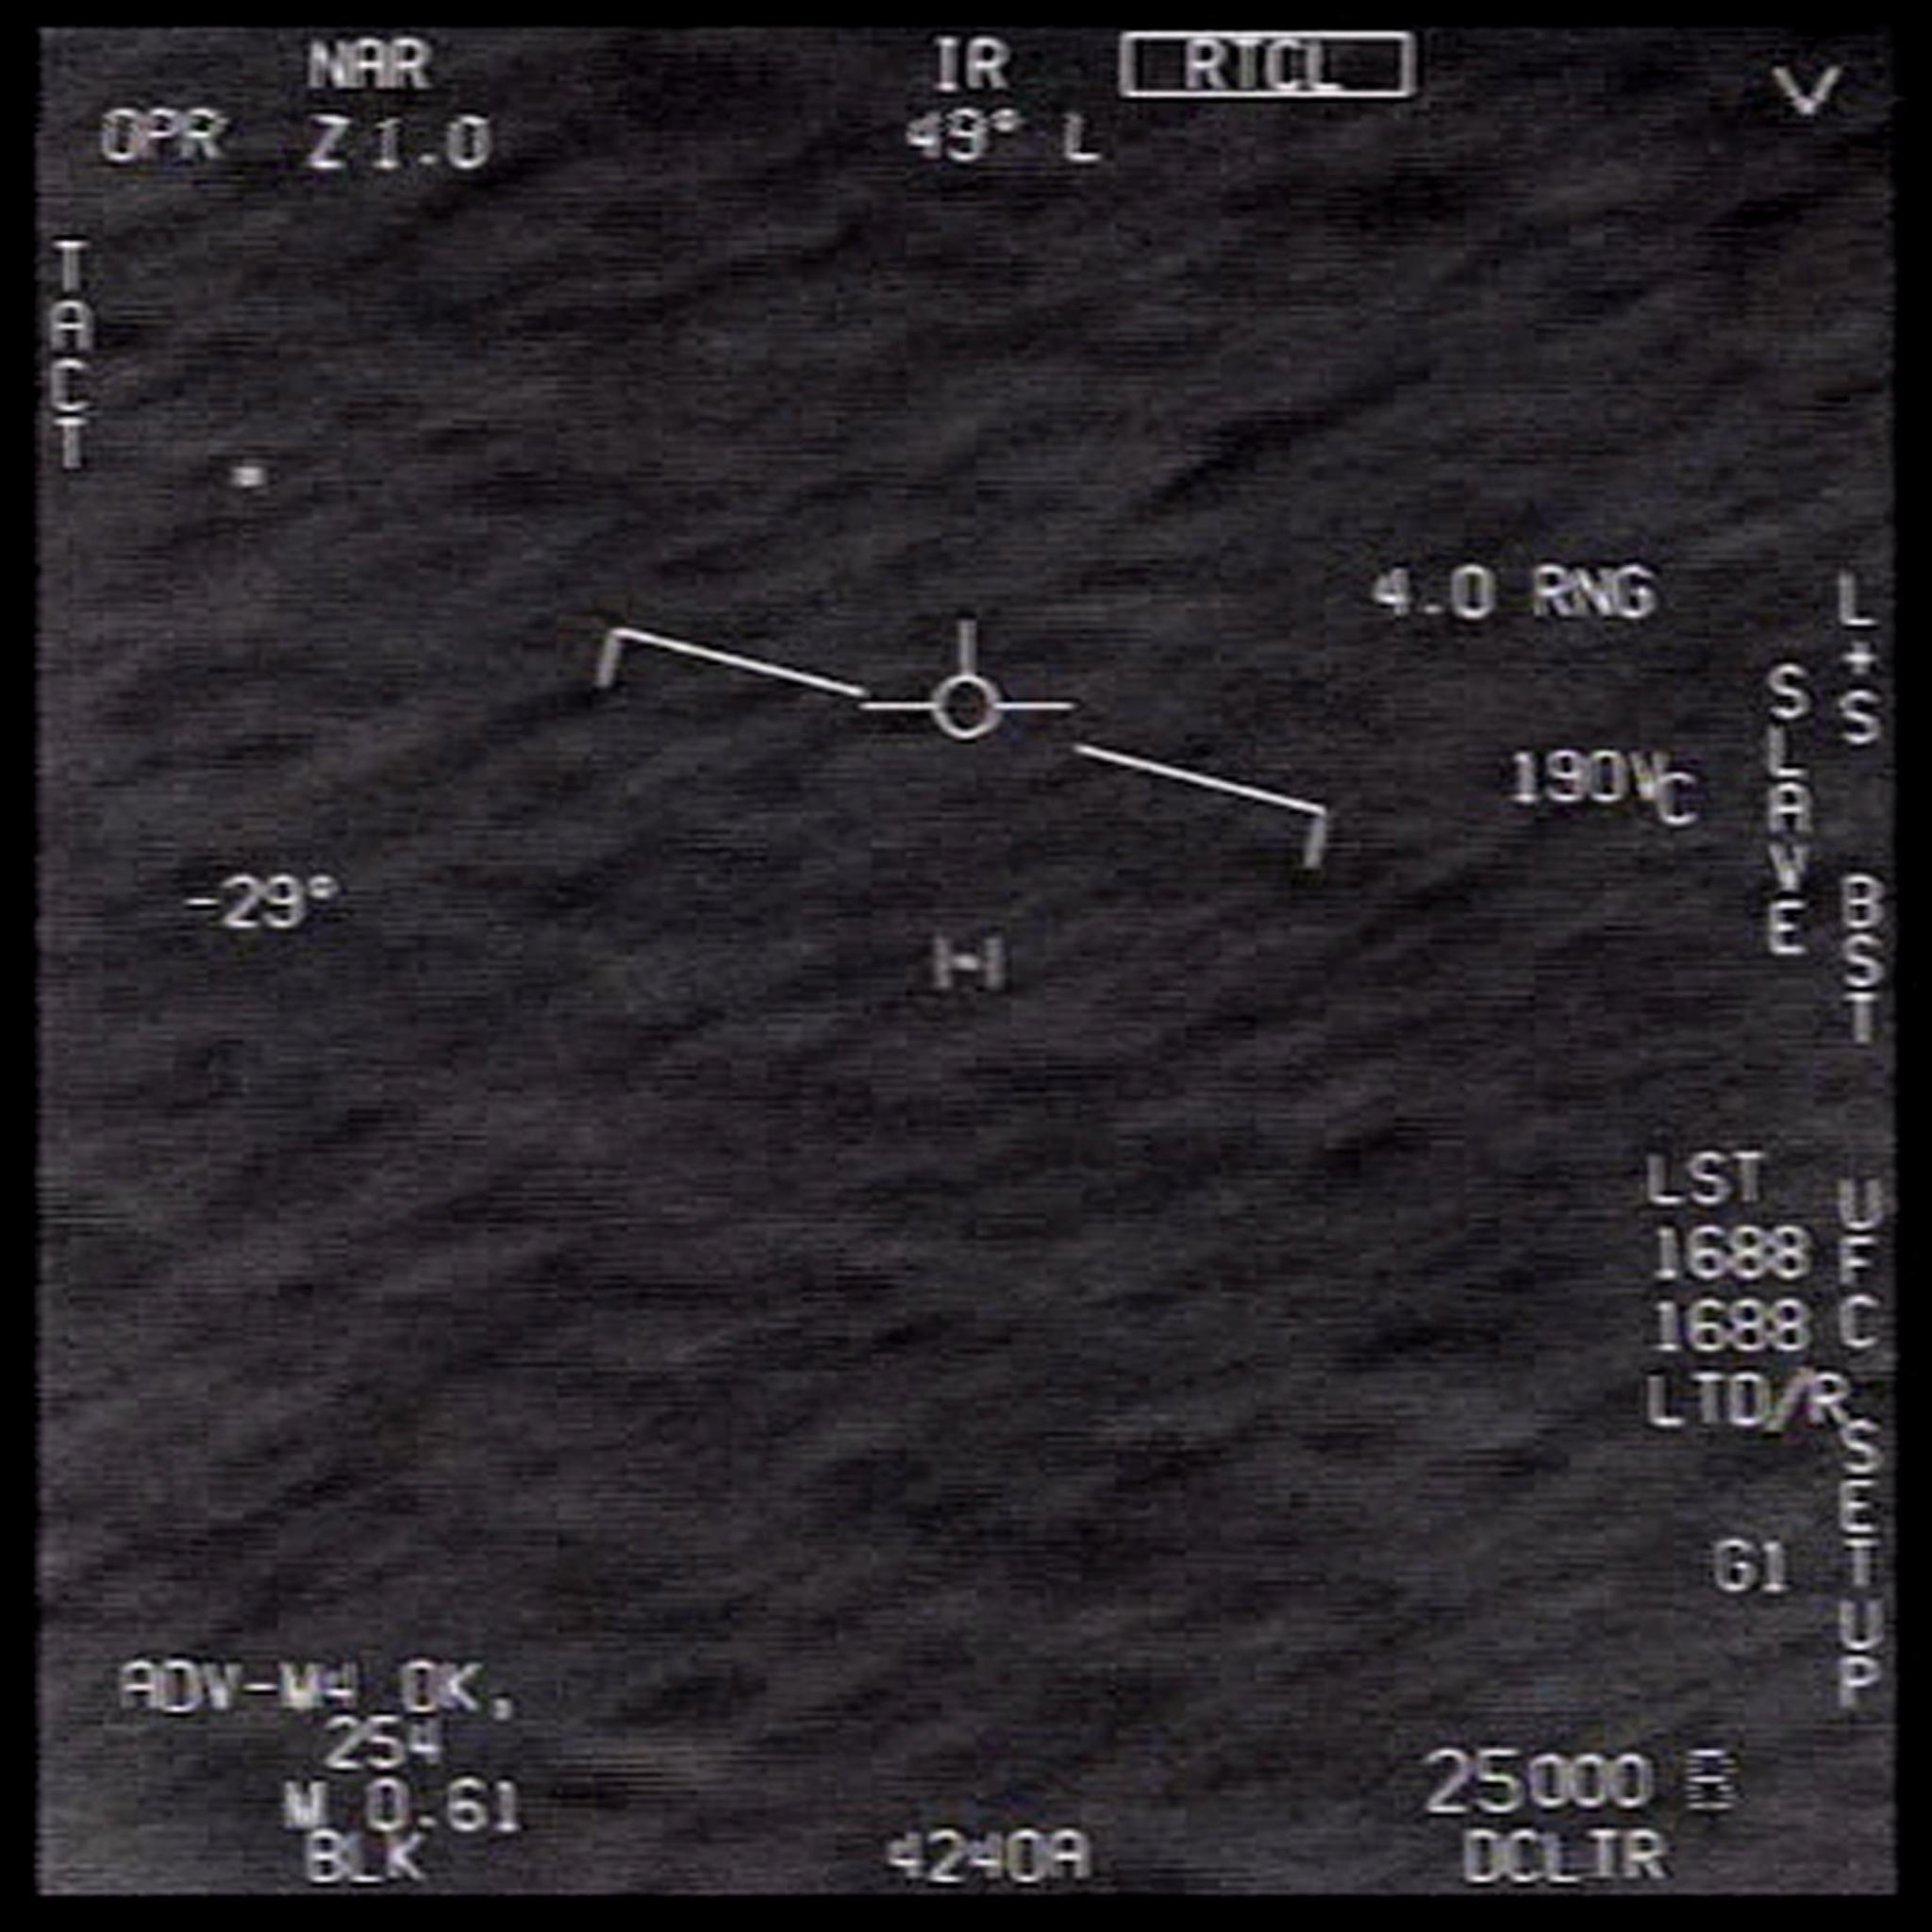 Cuatro objetos desconocidos fueron vistos en vuelo en una zona de alerta frente a la costa de Carolina del Norte en 2018.